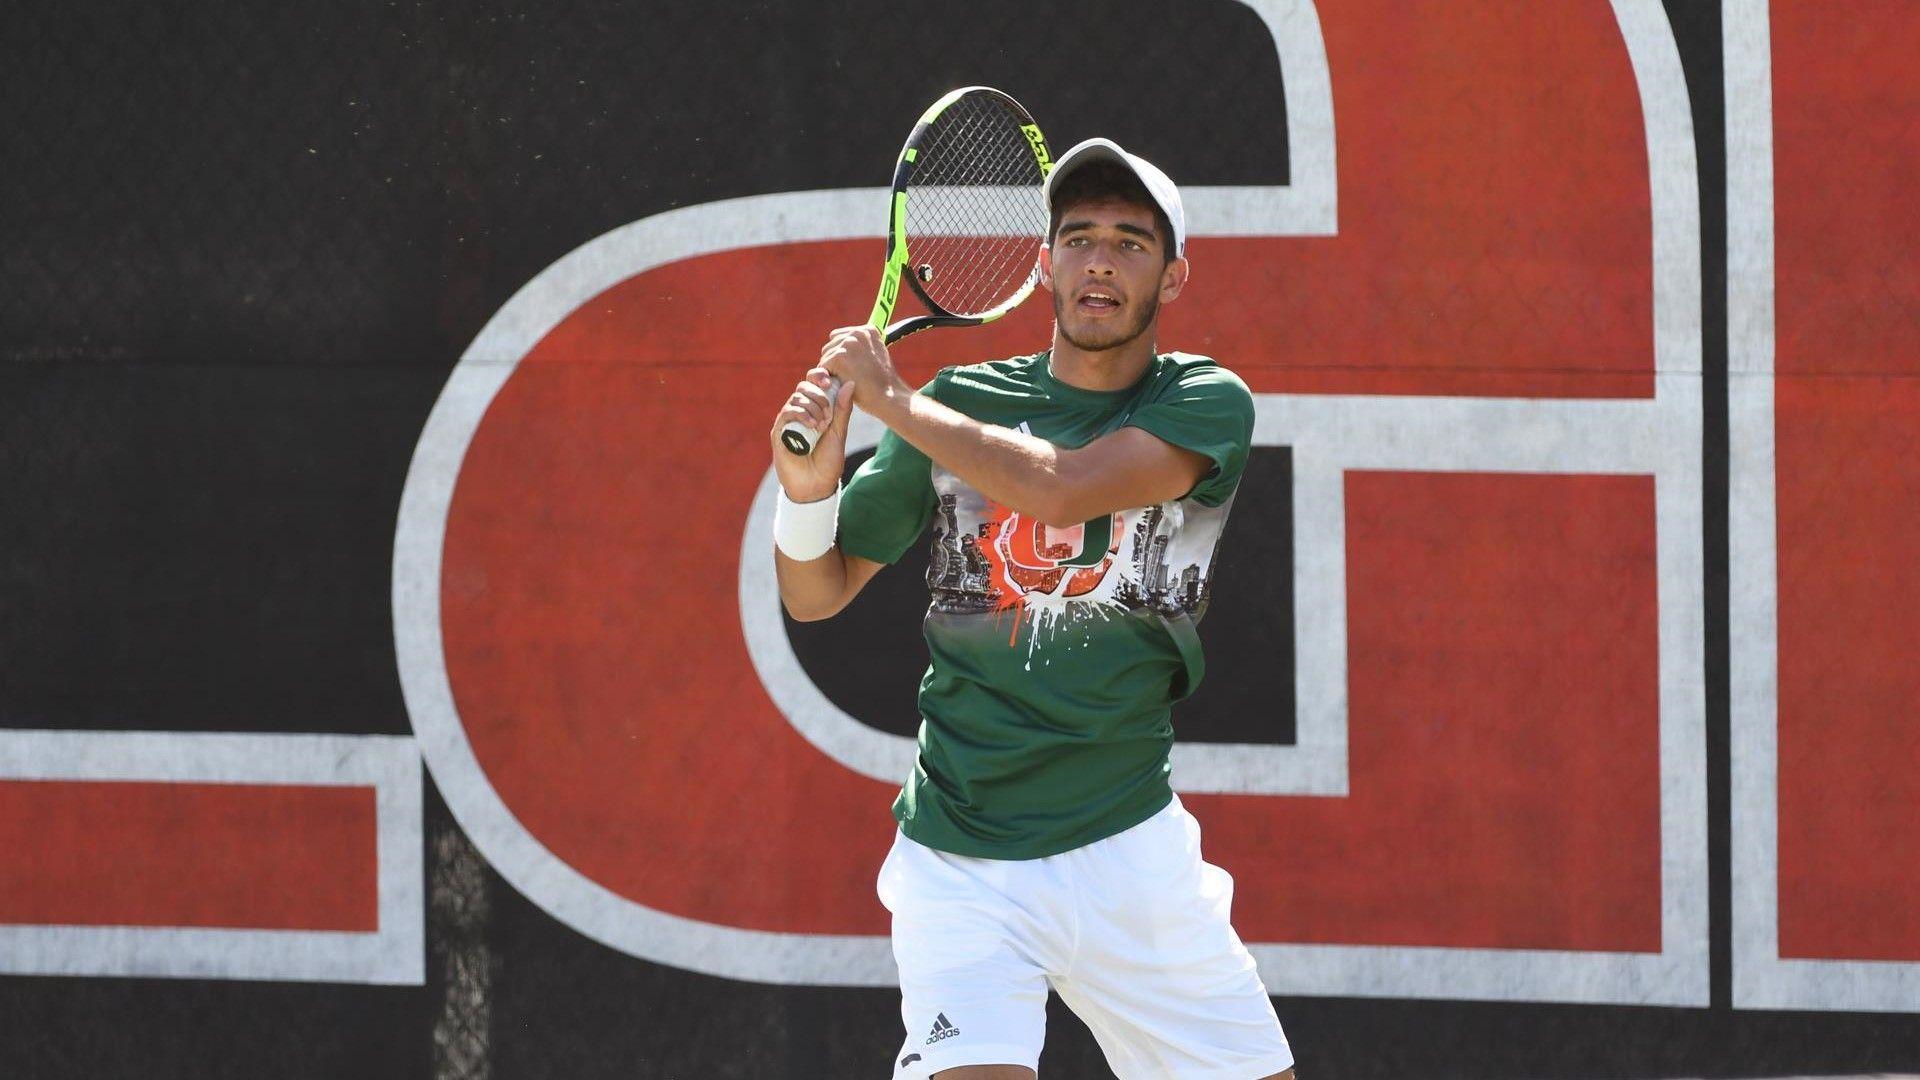 Soriano Barrera Reaches Quarterfinals at ITA Fall Nationals